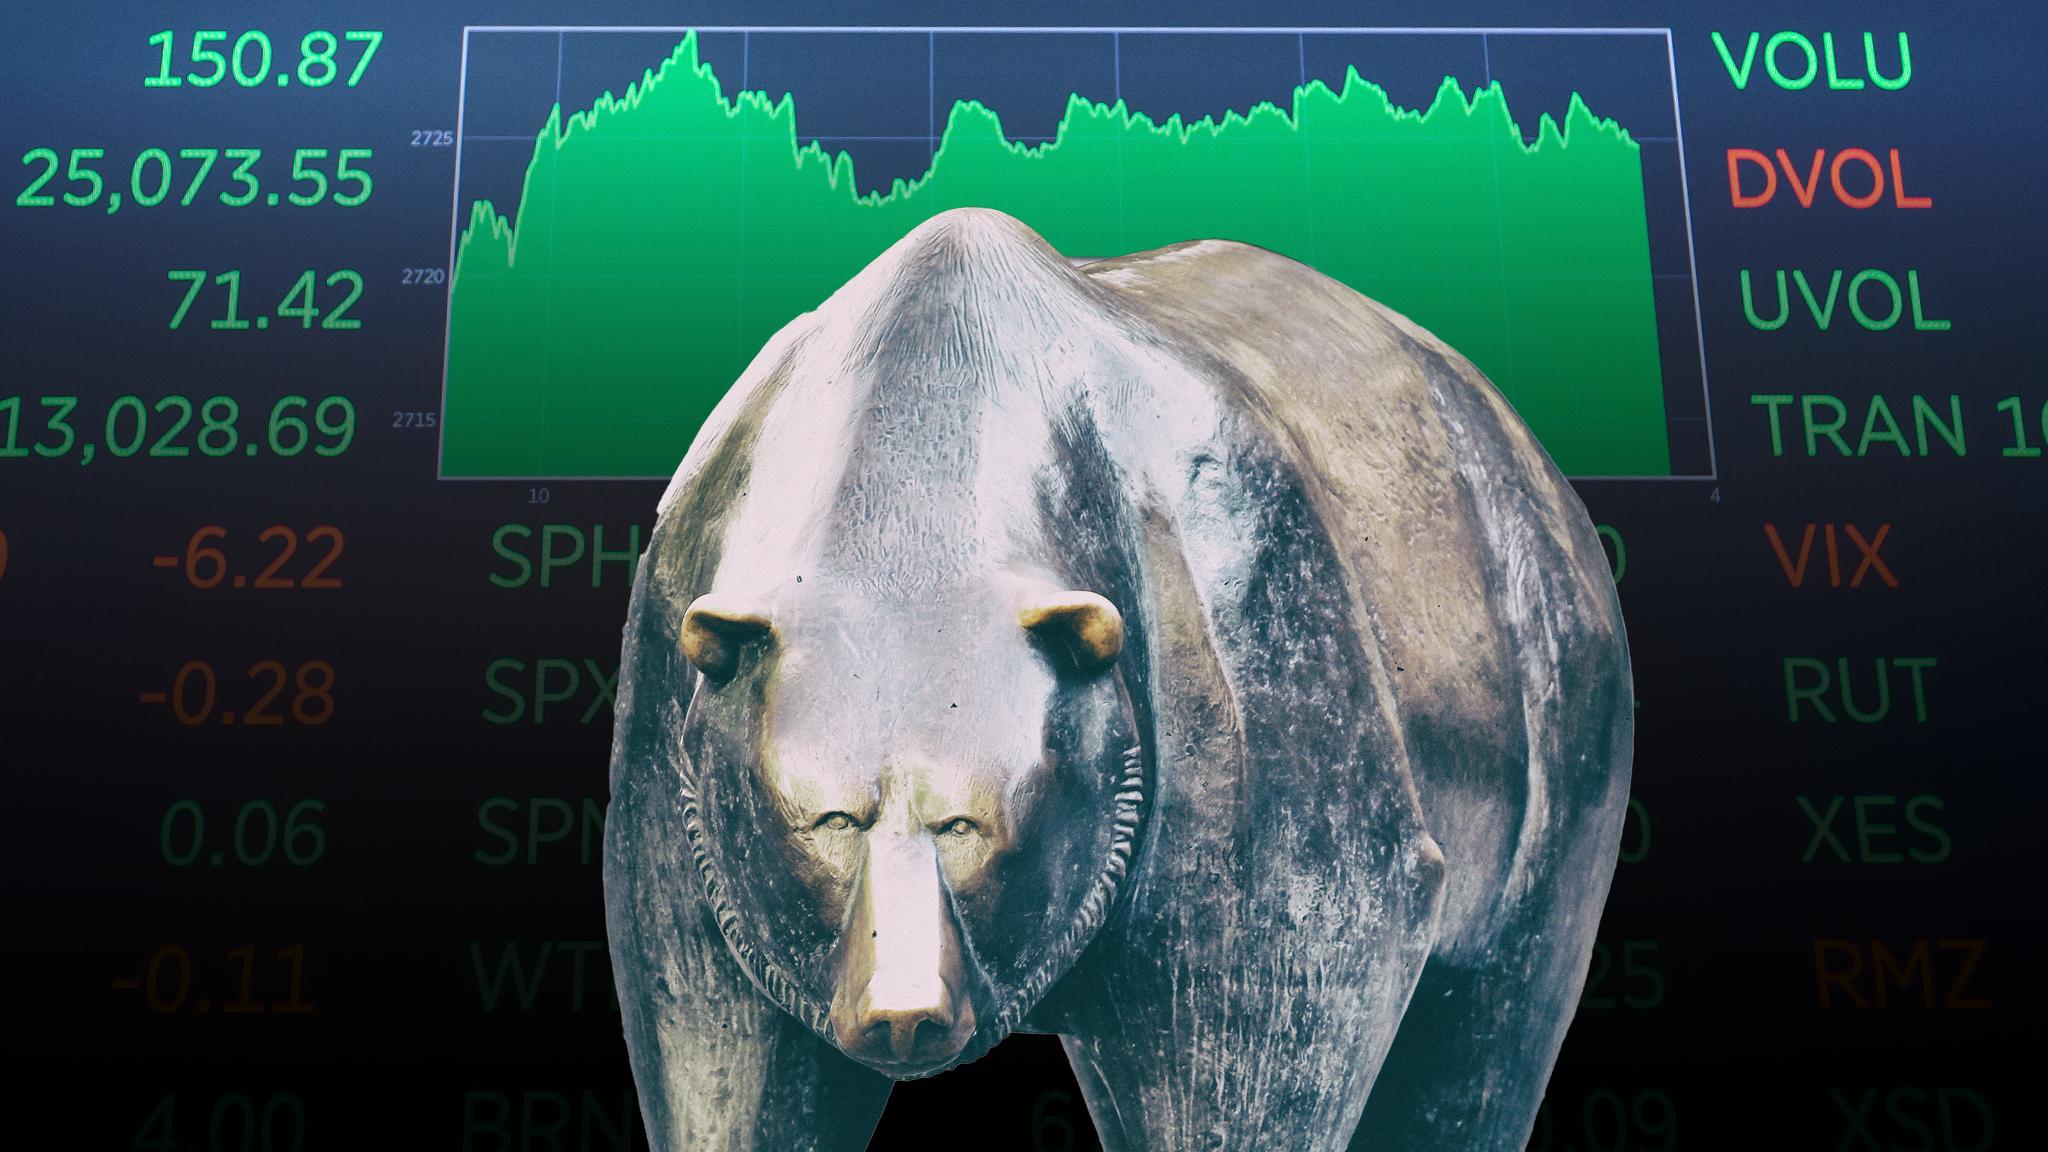 Are we really heading into a bond bear market?